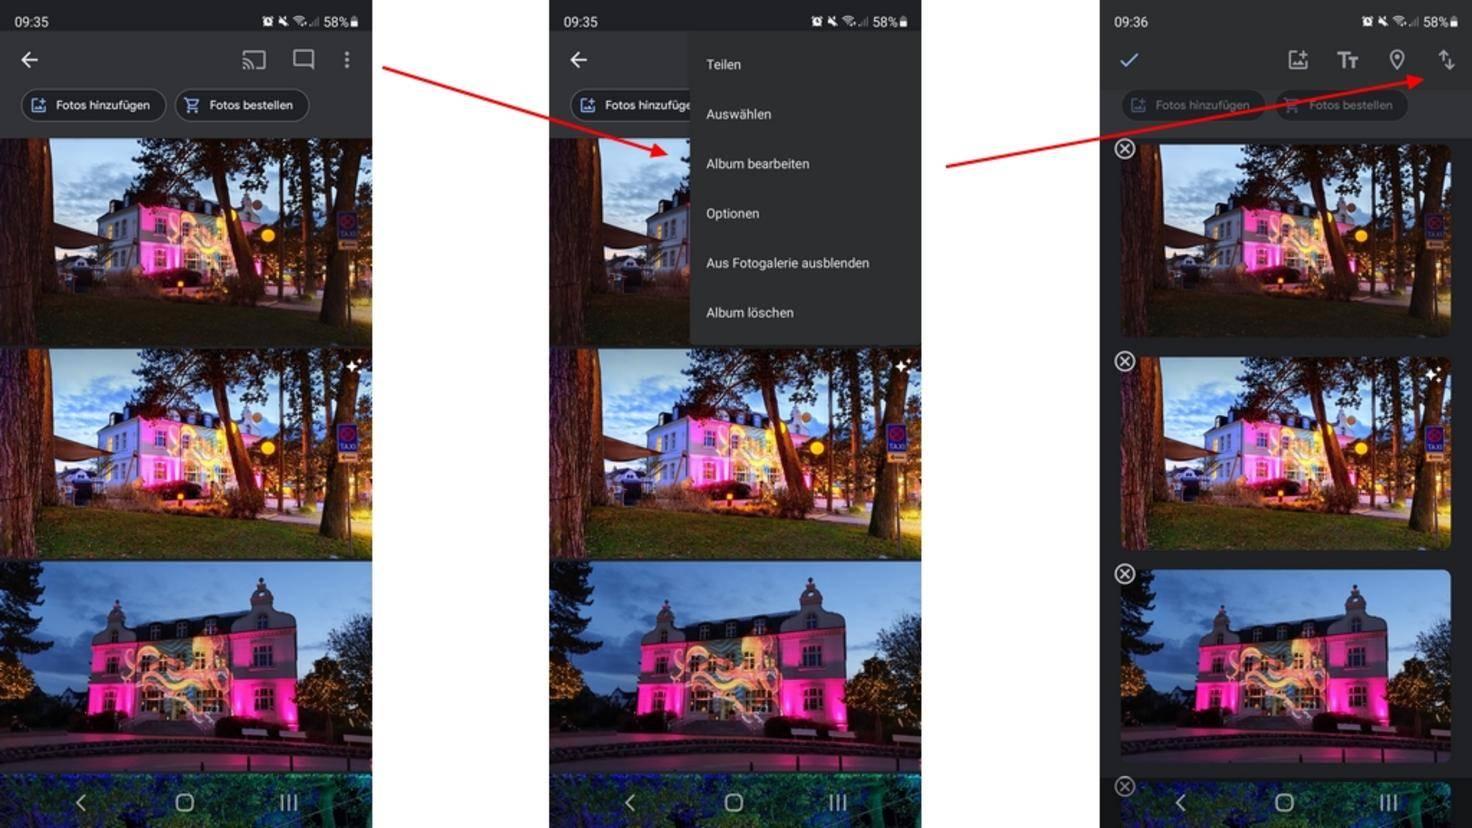 Fotos-Sortieren-Android